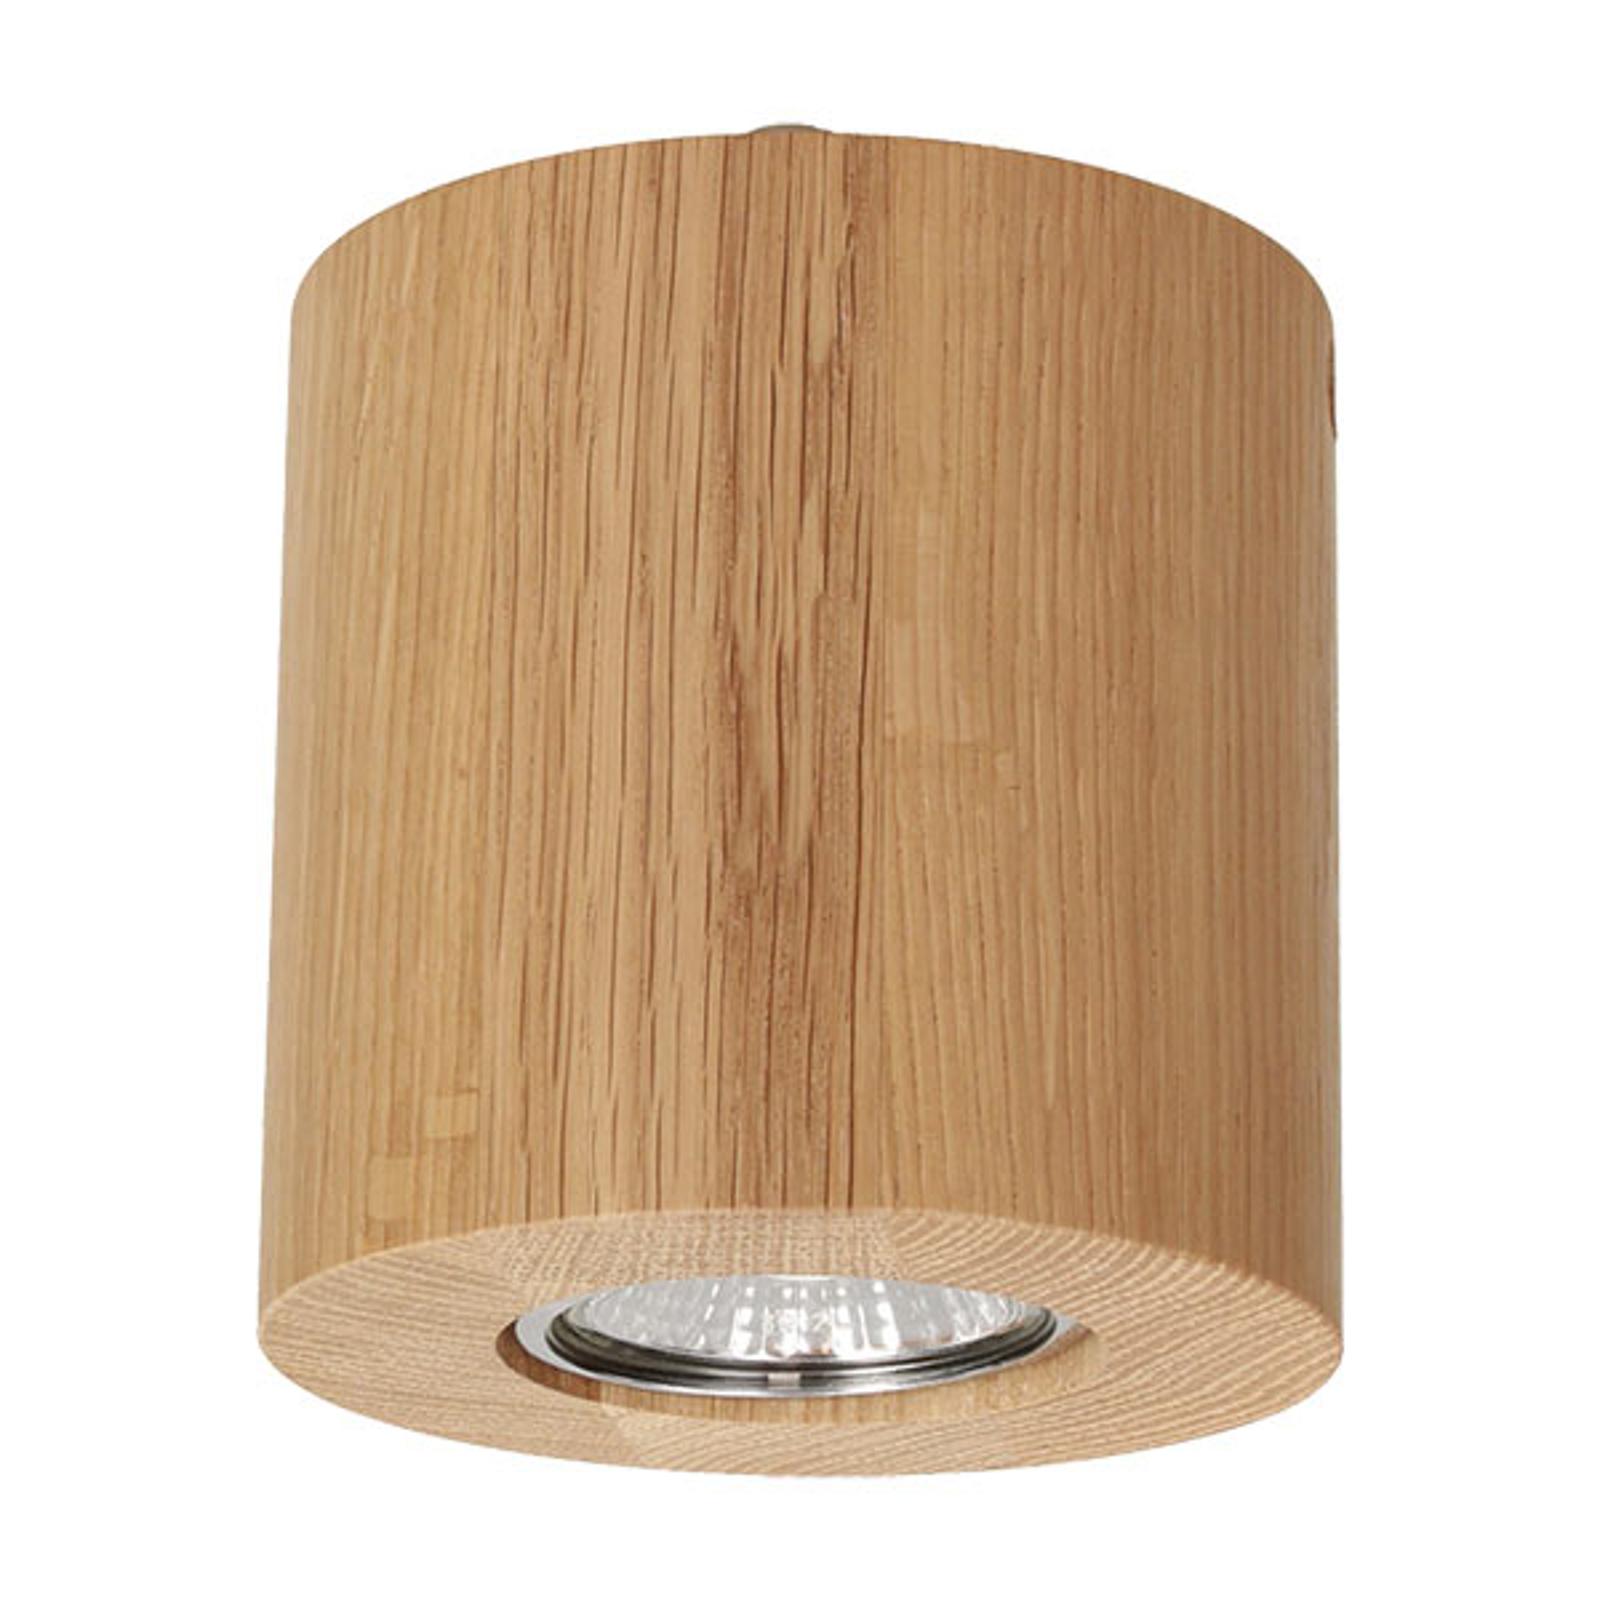 Taklampe Wooddream 1 lyskilde eik, rund, 10cm